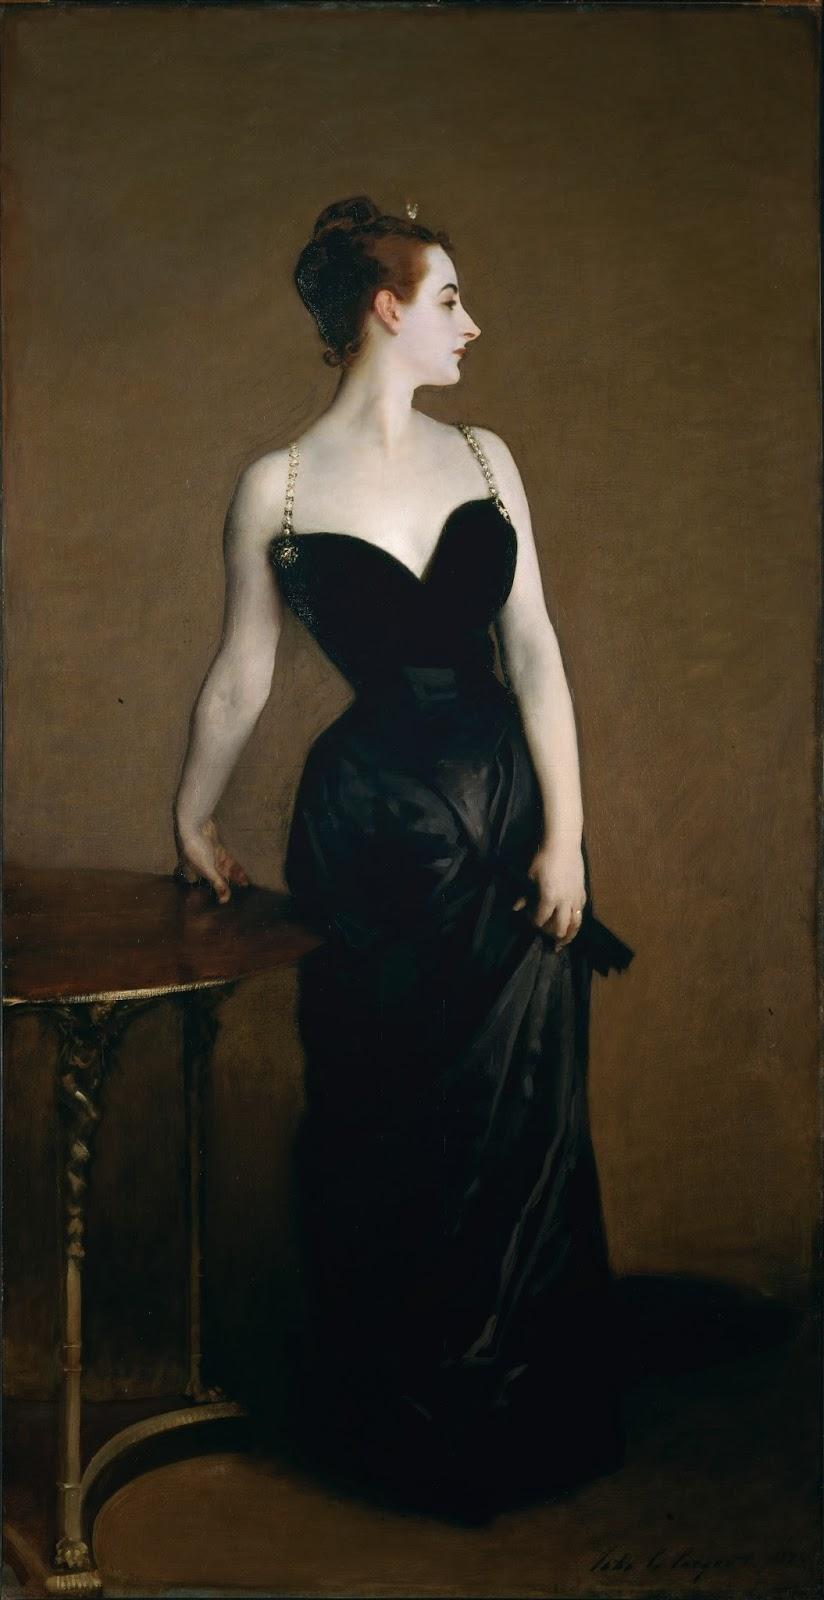 Madame X by John Singer Sargent 1884 @ Reprodução